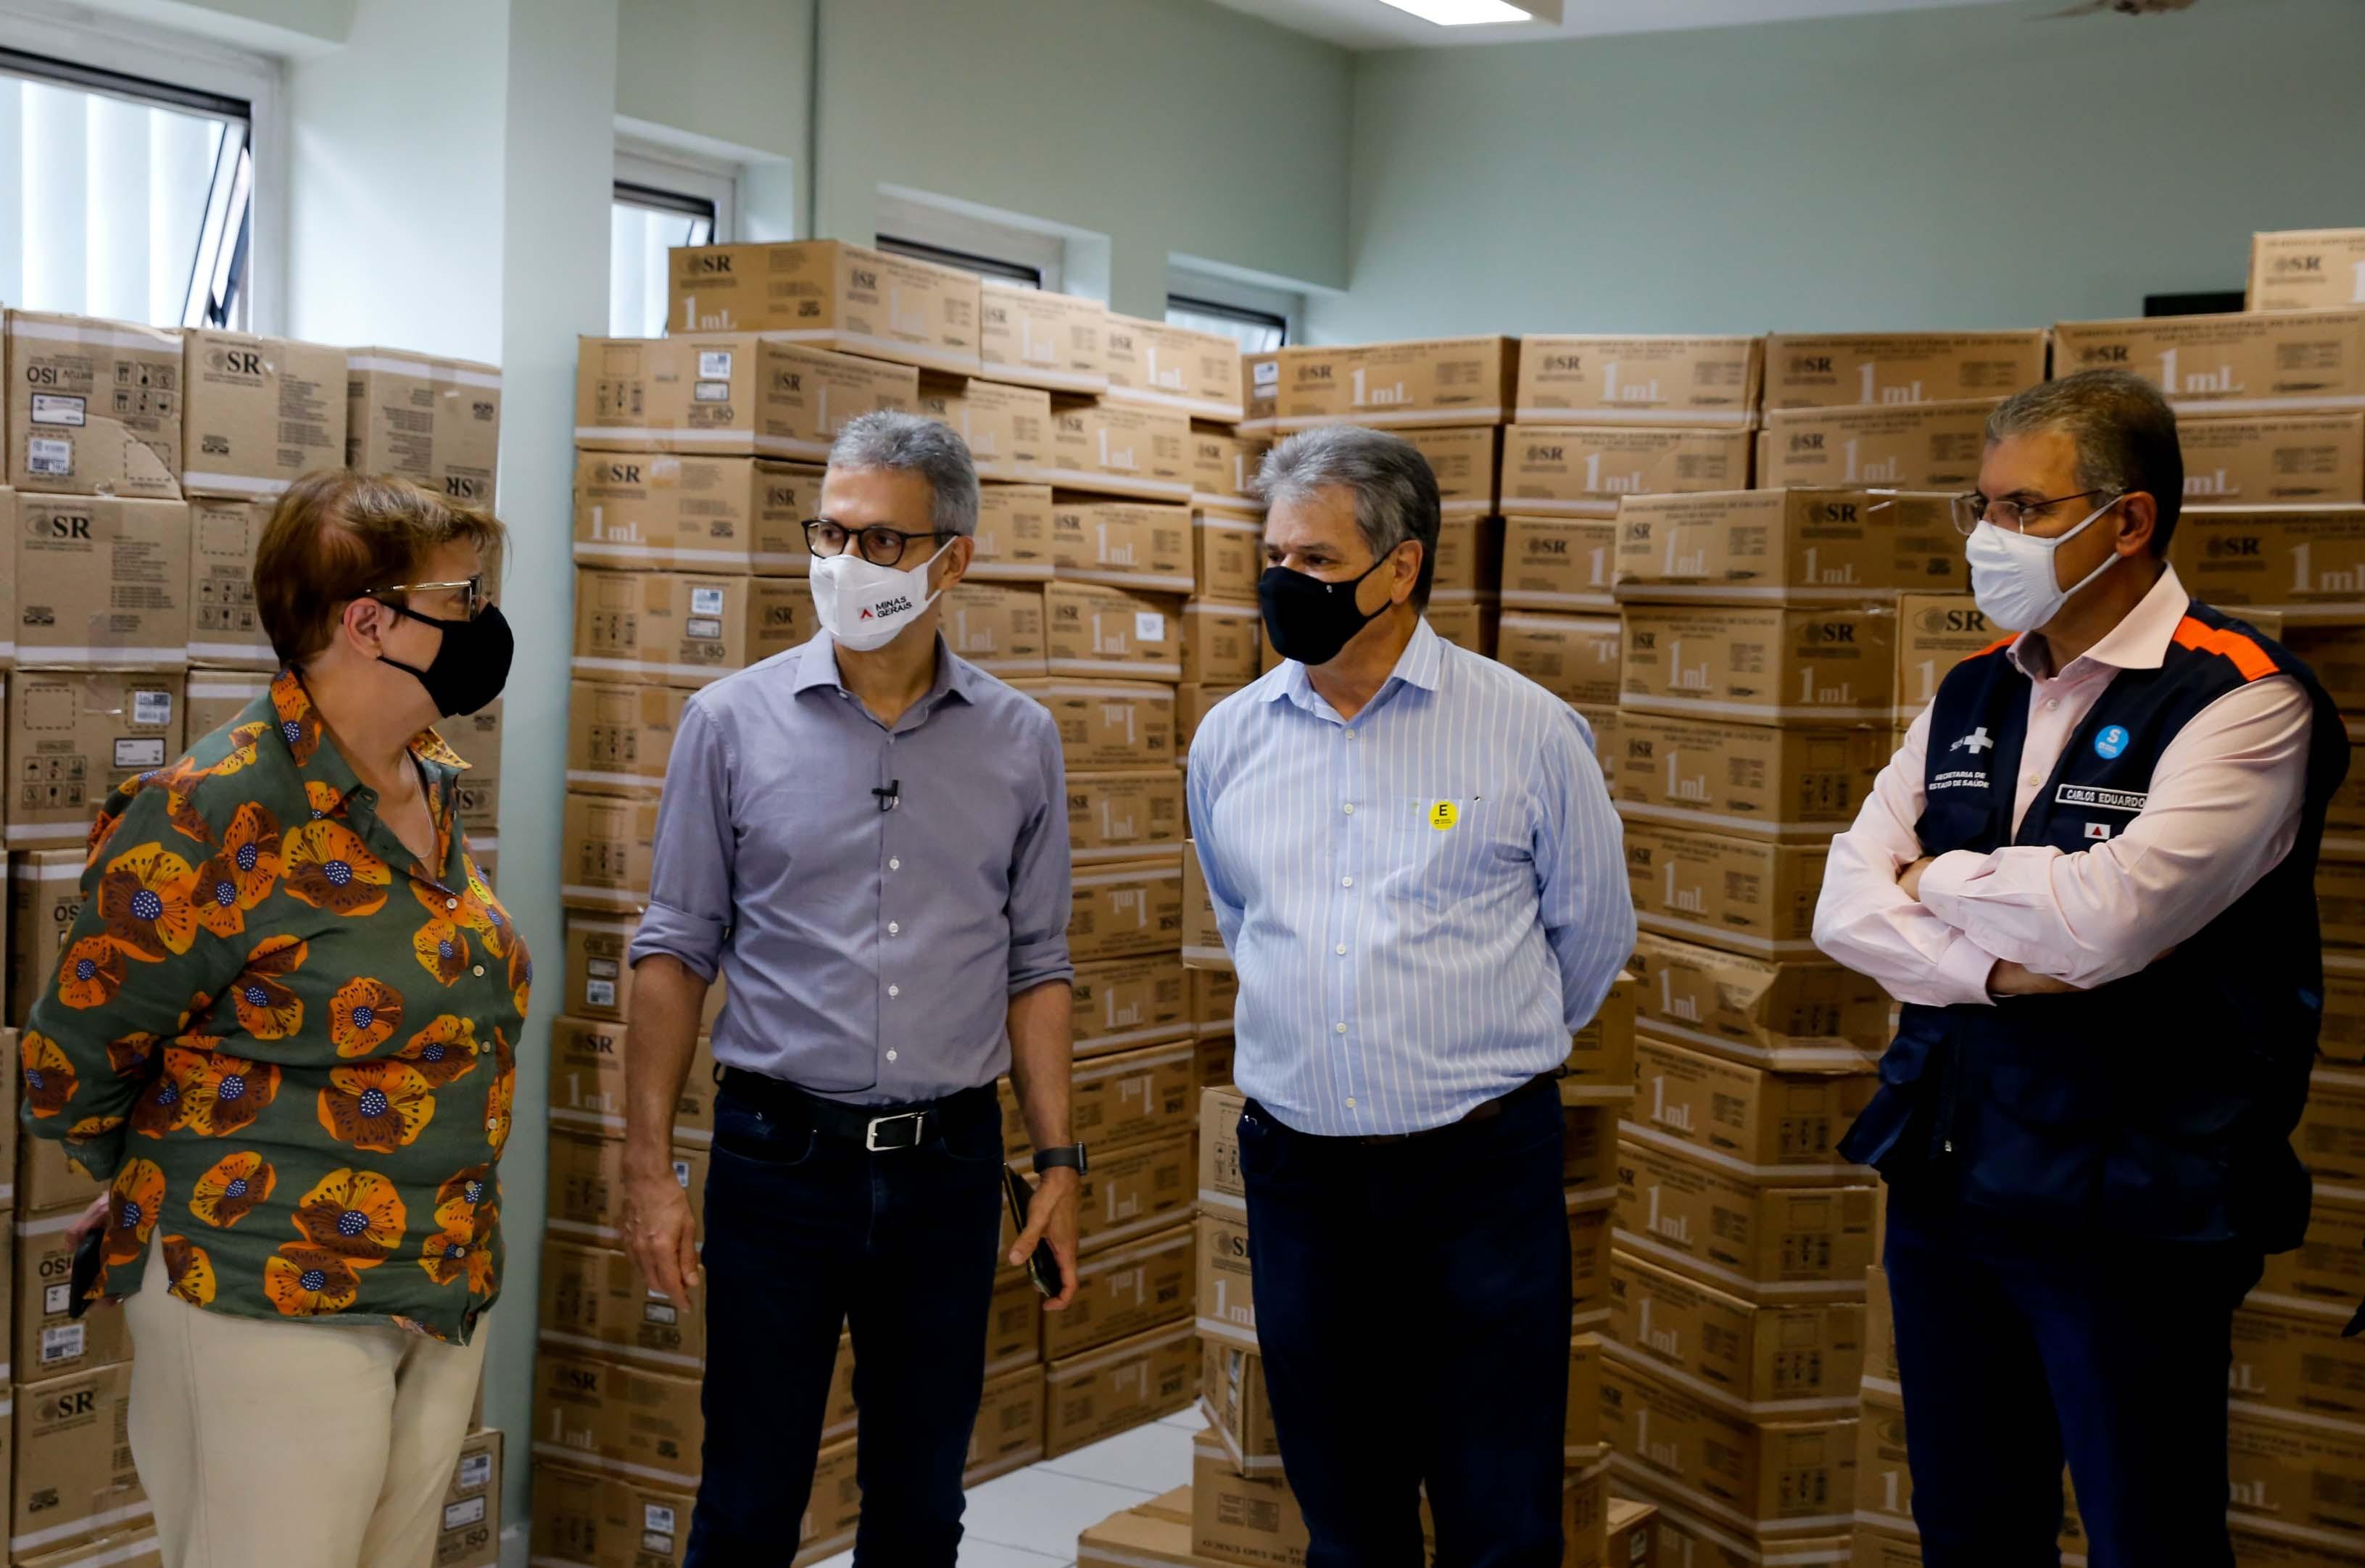 Zema acompanha distribuição de seringas para vacinação da Covid-19 em Juiz de Fora